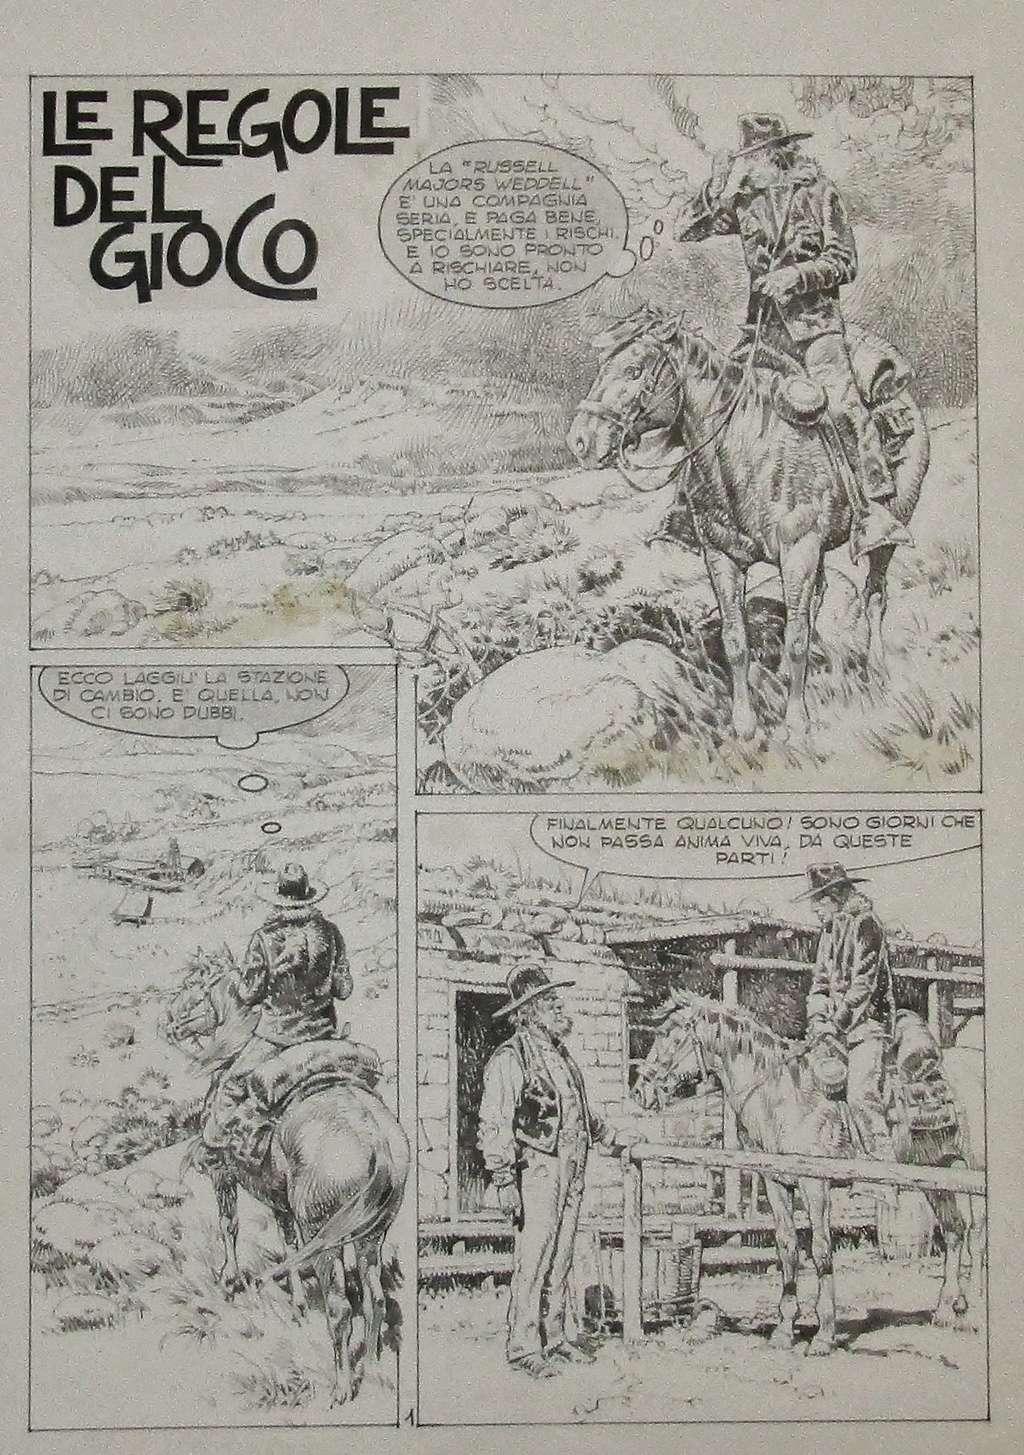 Le monde du western - Page 16 Serpie10